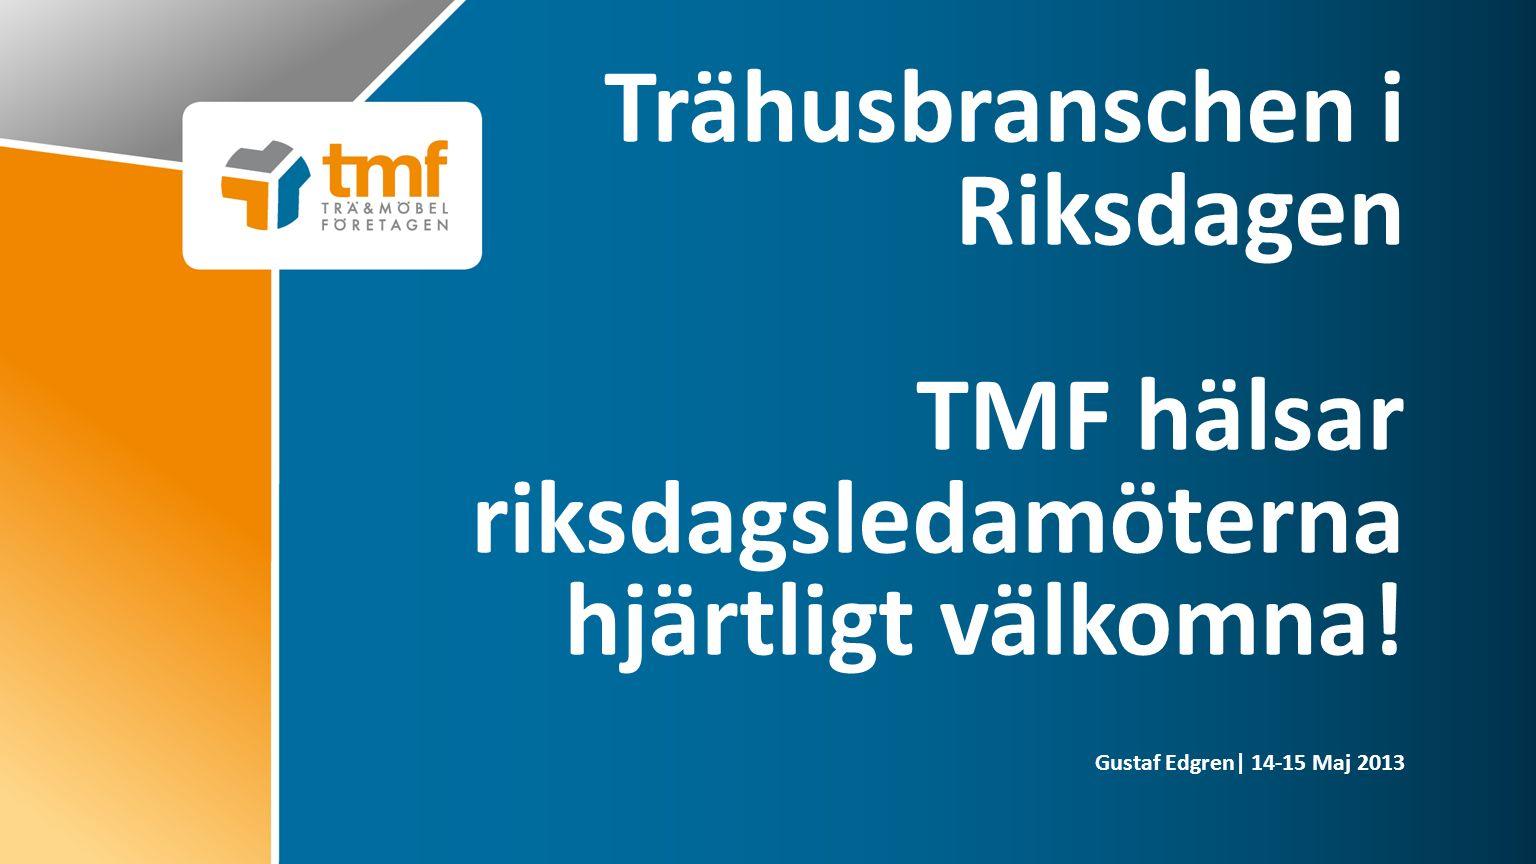 Gustaf Edgren| 14-15 Maj 2013 Trähusbranschen i Riksdagen TMF hälsar riksdagsledamöterna hjärtligt välkomna!